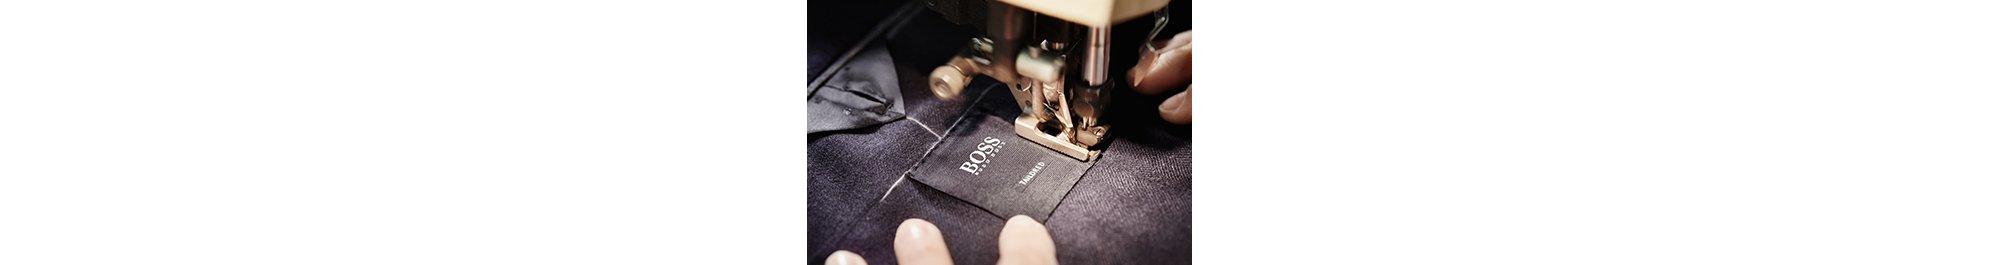 Anzug von BOSS Tailored. In Italien gefertigtes Gewebe, aus dem die Anzüge von BOSS Tailored hergestellt werden